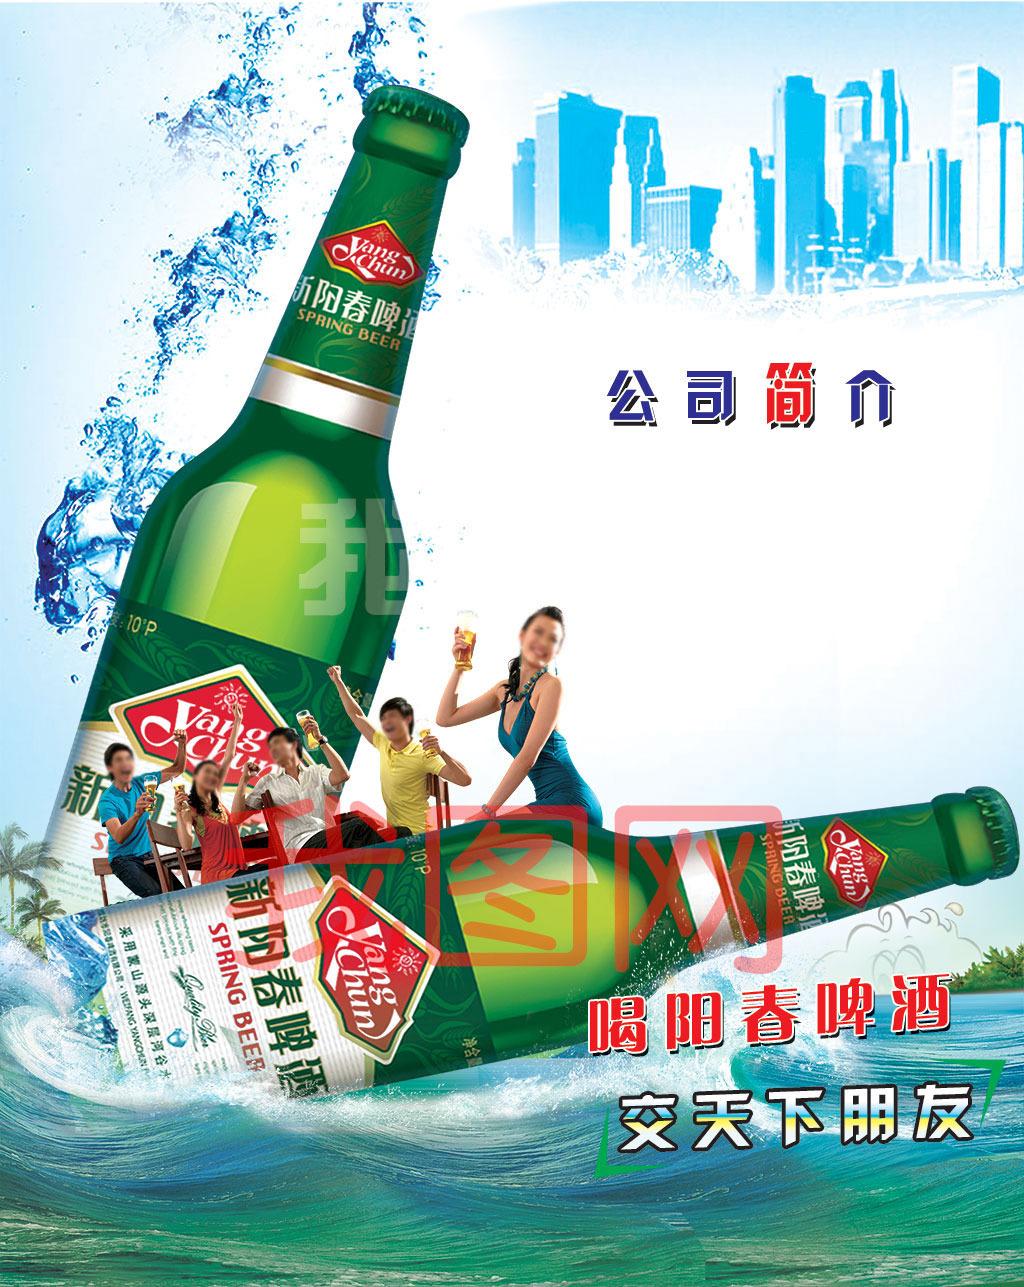 啤酒创意海报展板背景图片素材下载